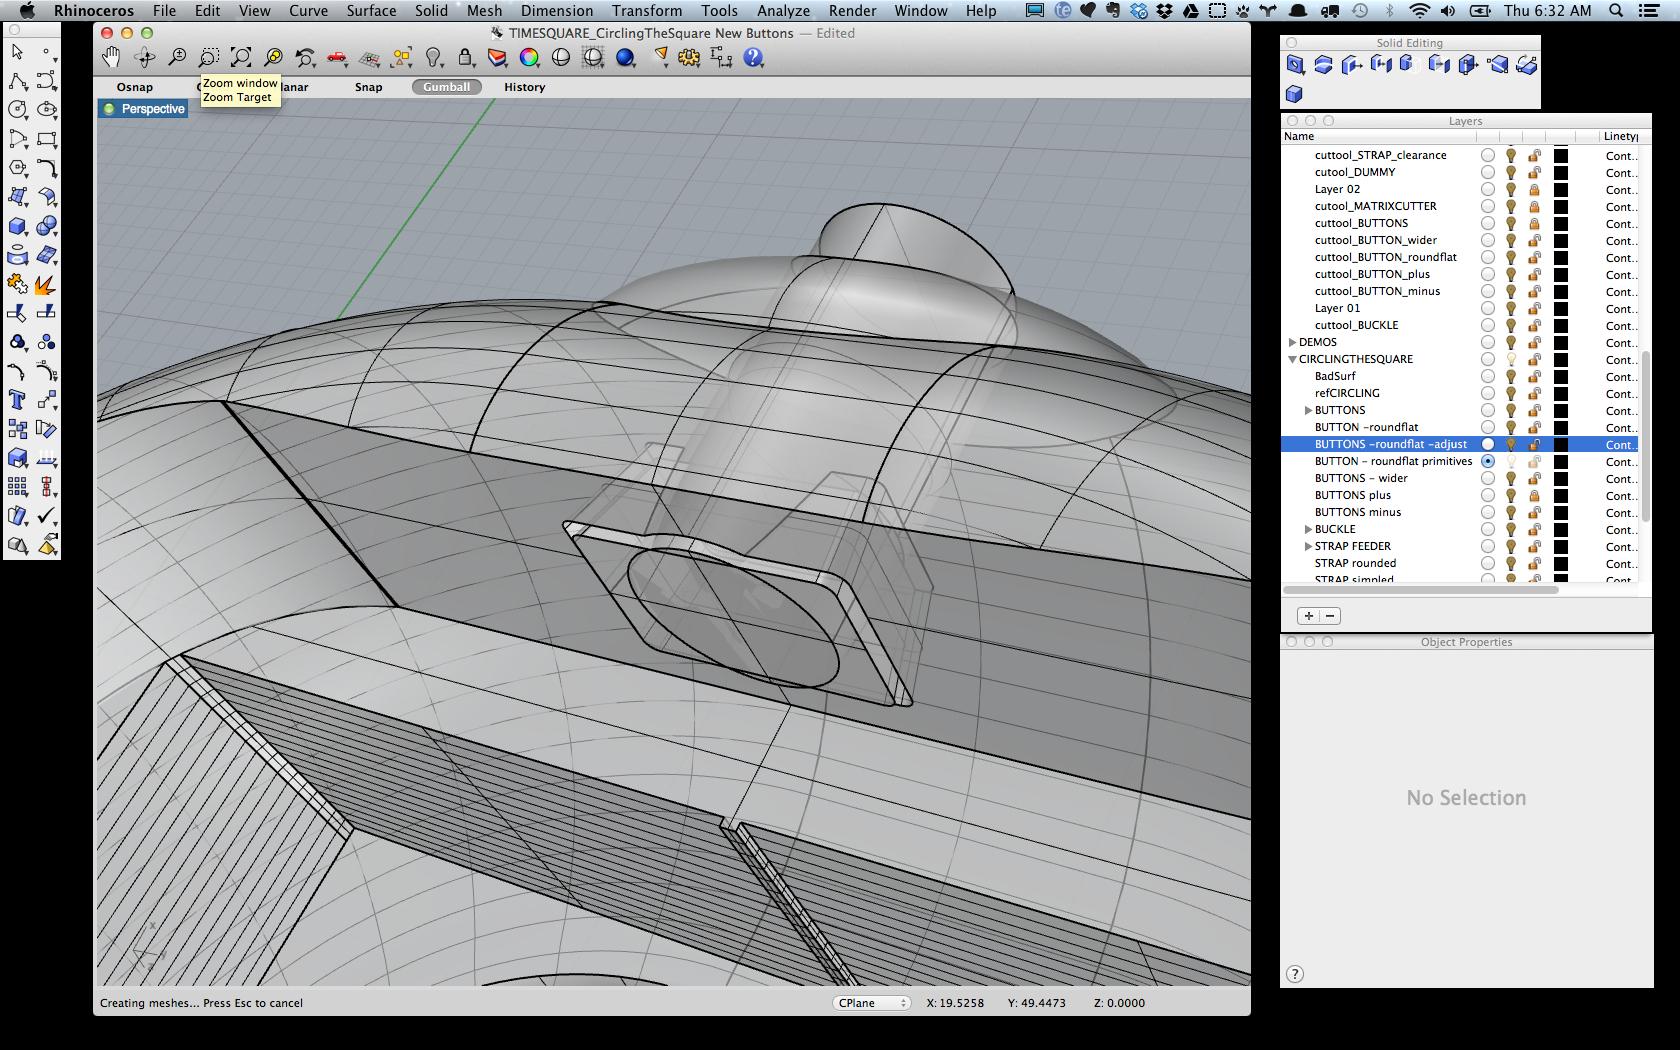 3d_printing_Fullscreen_1_10_13_6_32_AM.jpg